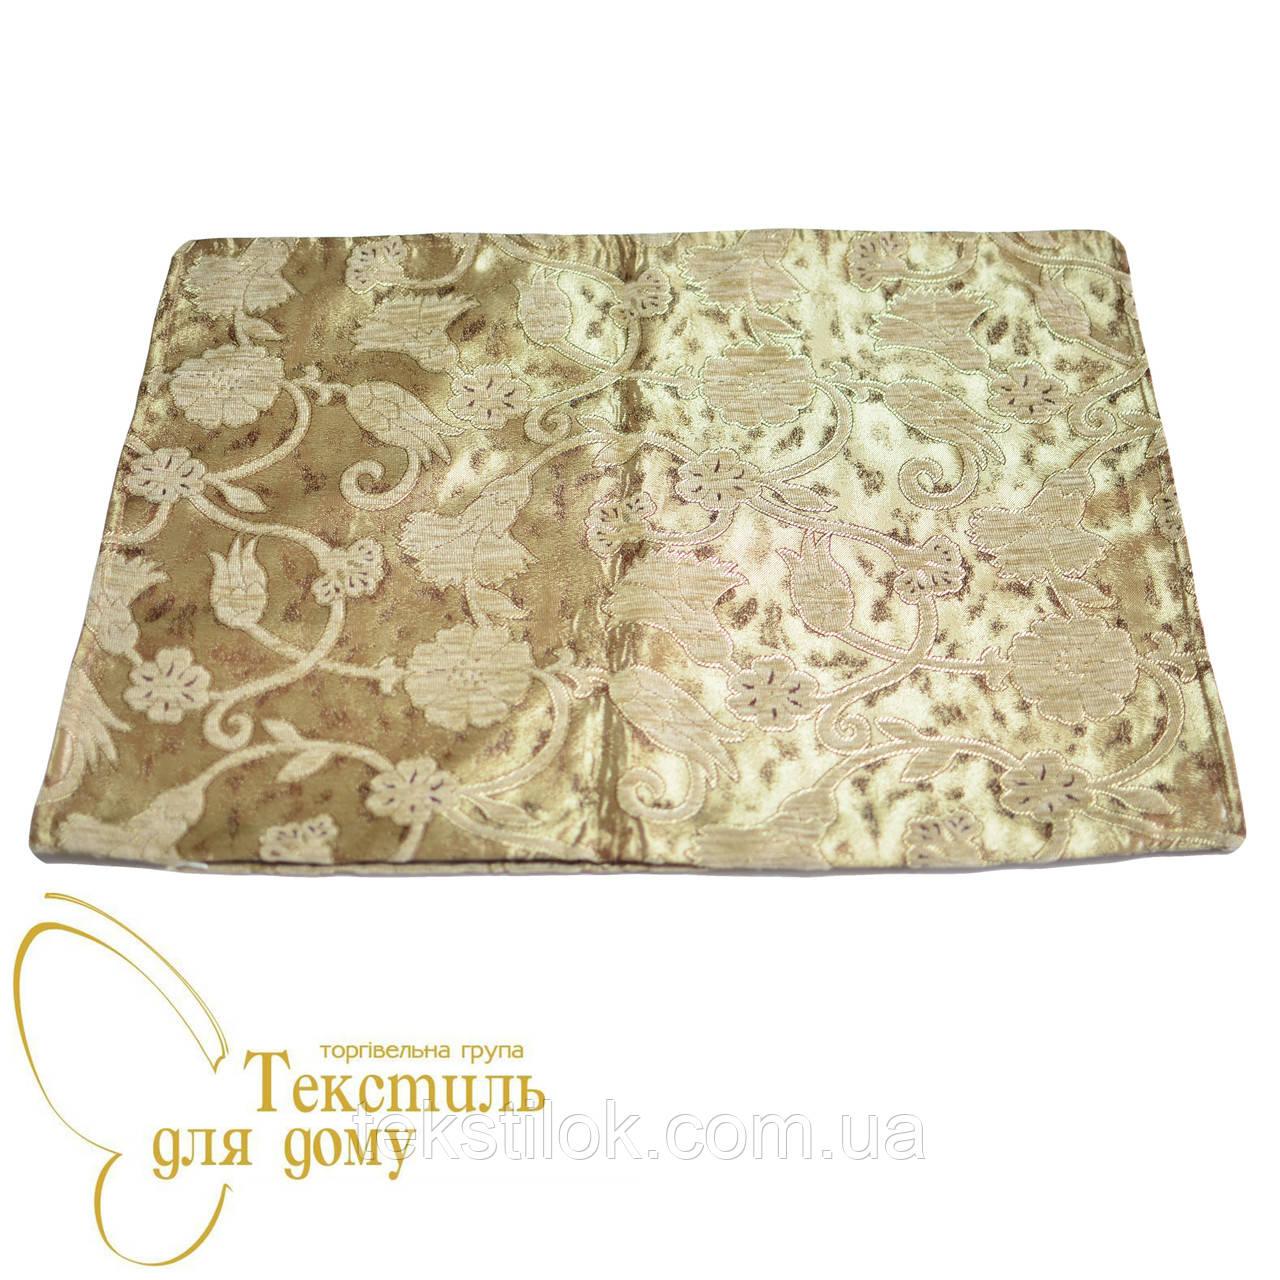 Наволочка декоративная с золотым цветком ANTIK KARANFIL, 50*70, бежевый